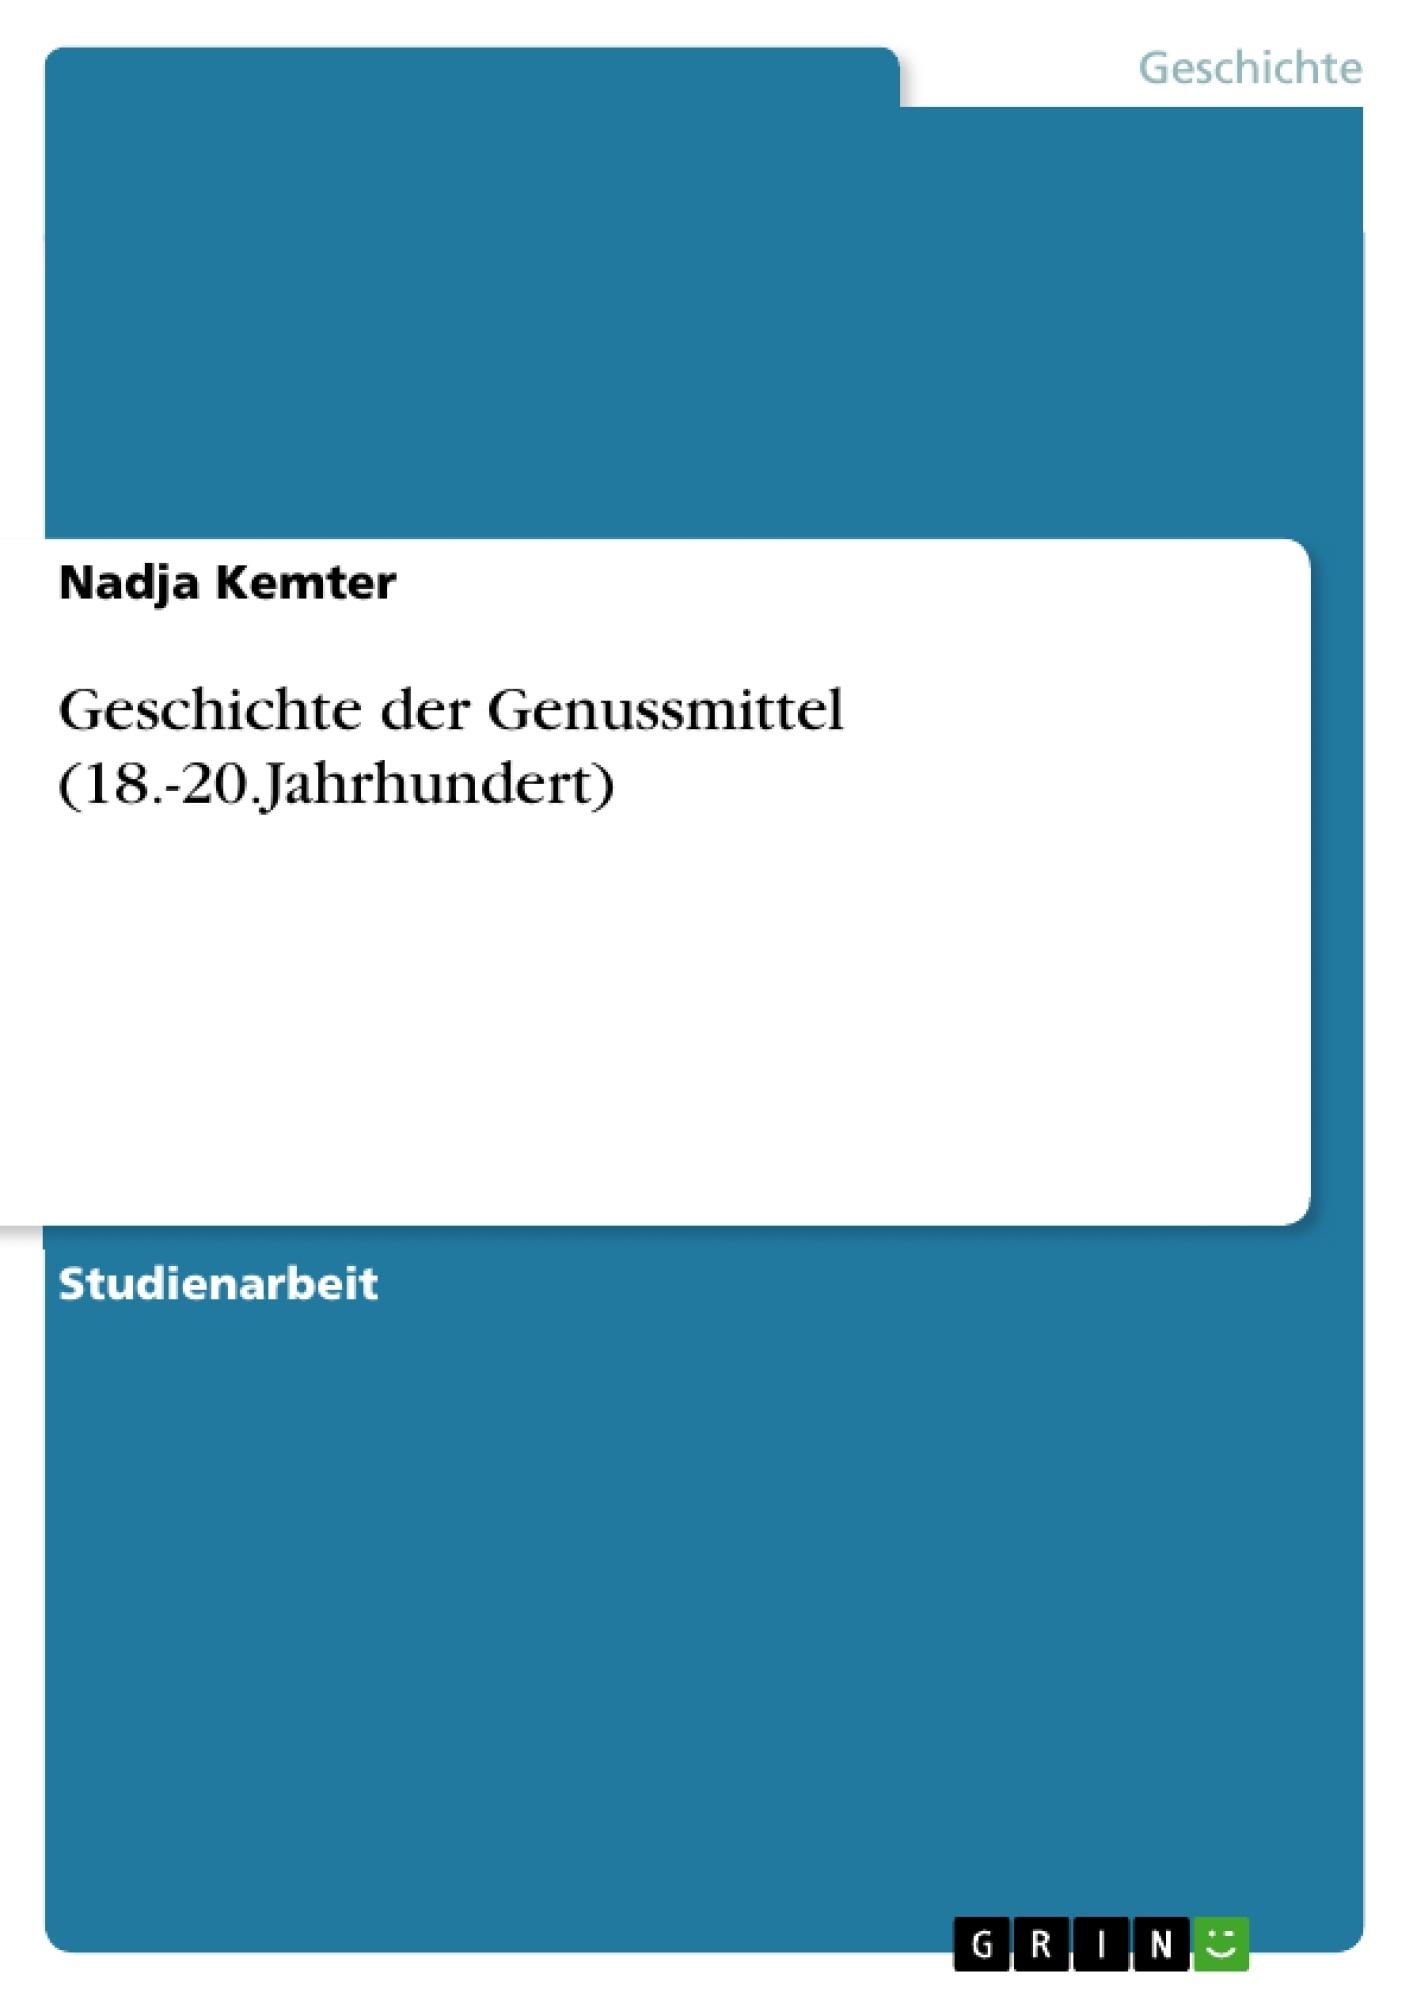 Titel: Geschichte der Genussmittel (18.-20.Jahrhundert)